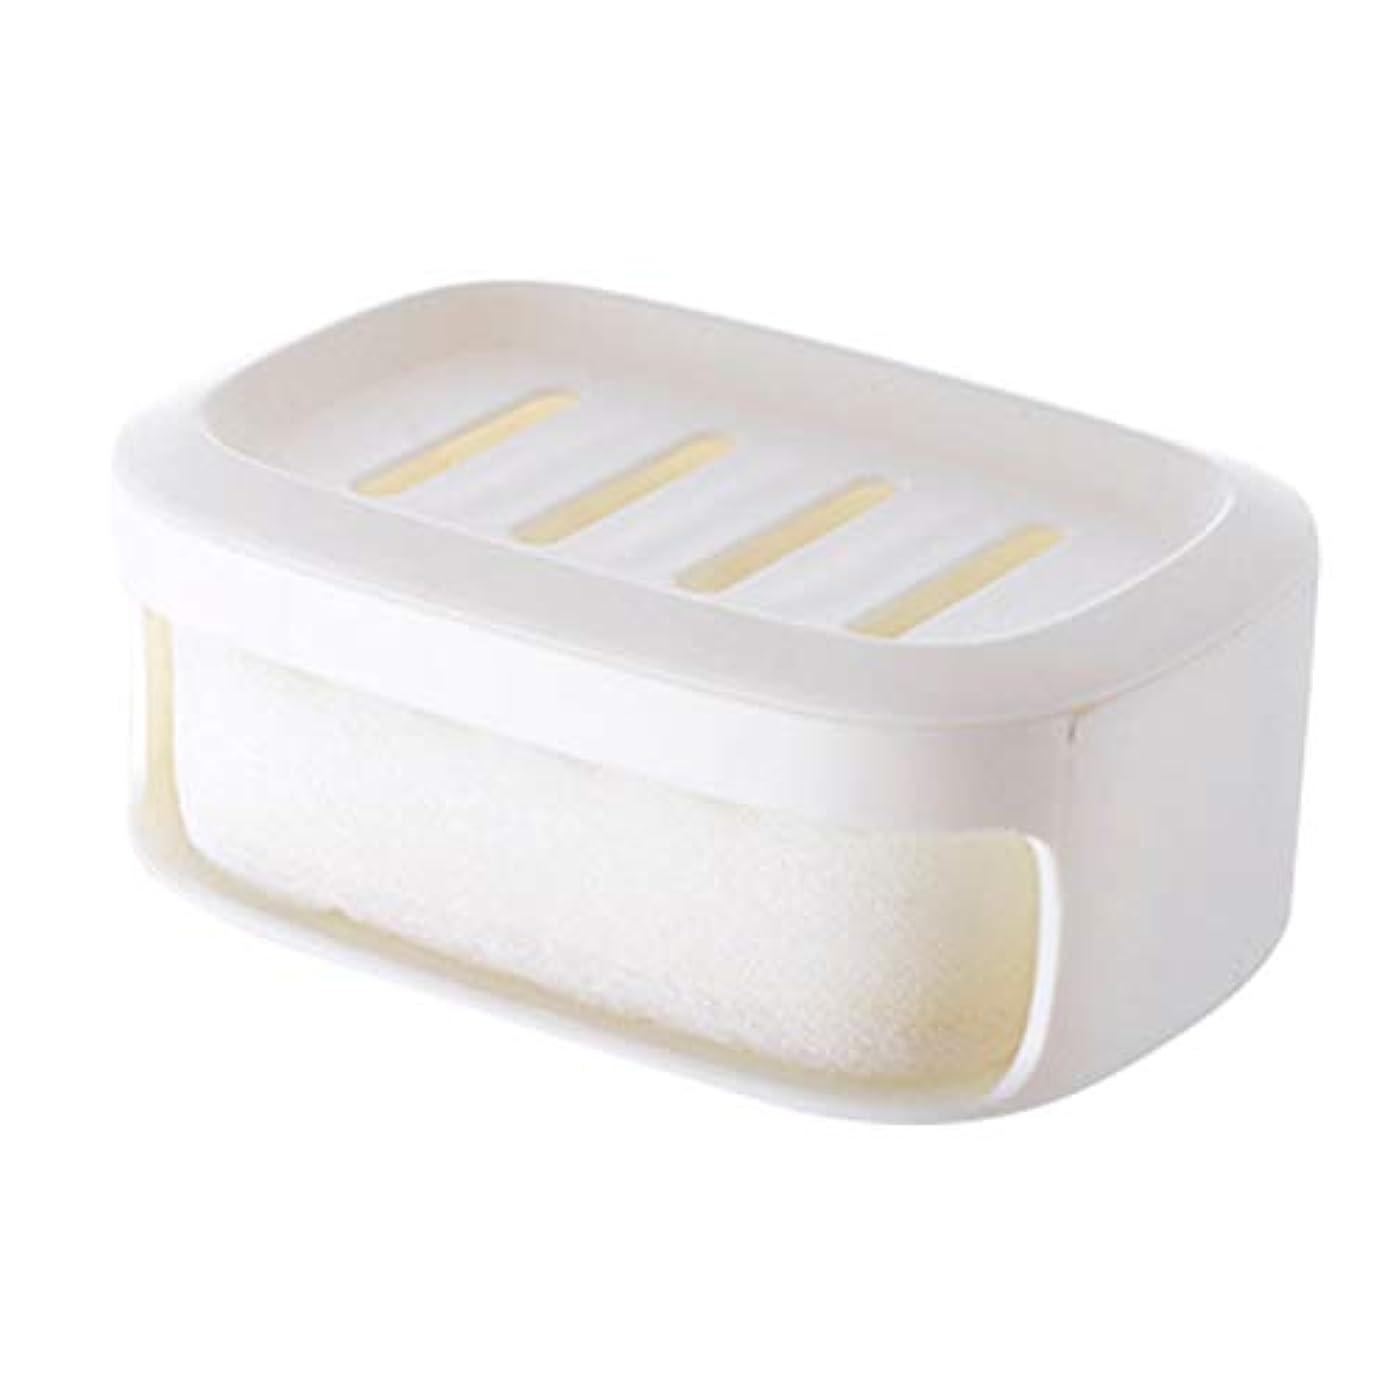 非アクティブダイエット荒野Healifty ソープボックス二重層防水シールソープコンテナバスルームソープ収納ケース(ホワイト)